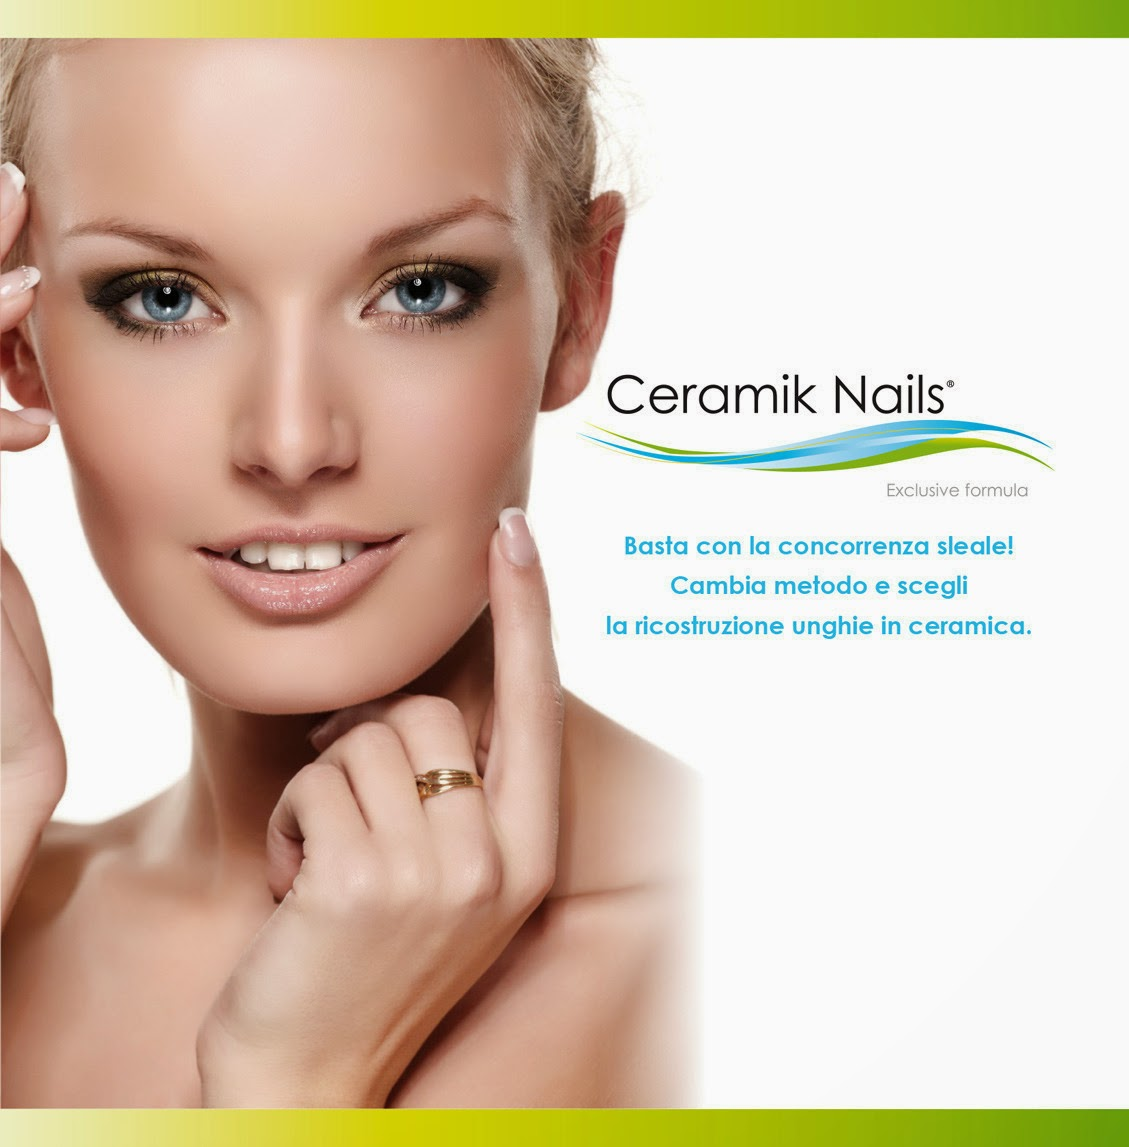 Ceramik nails